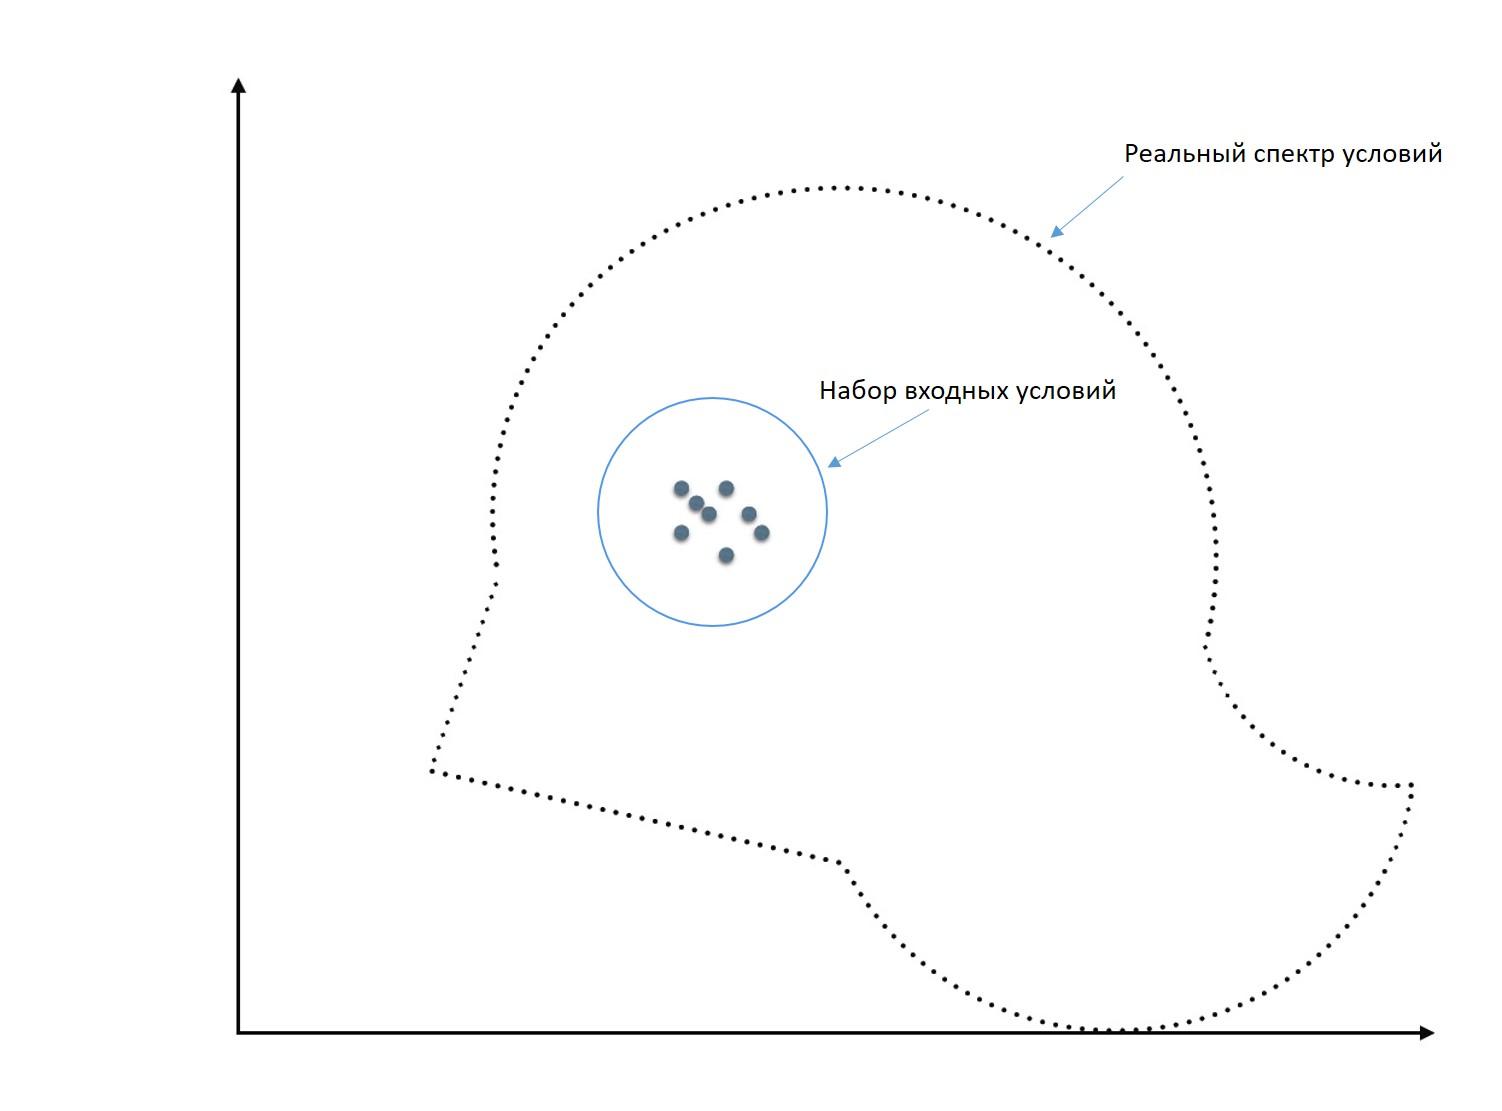 Один на всех: как разорвать замкнутый круг сложностей при разработке коробочного продукта - 6